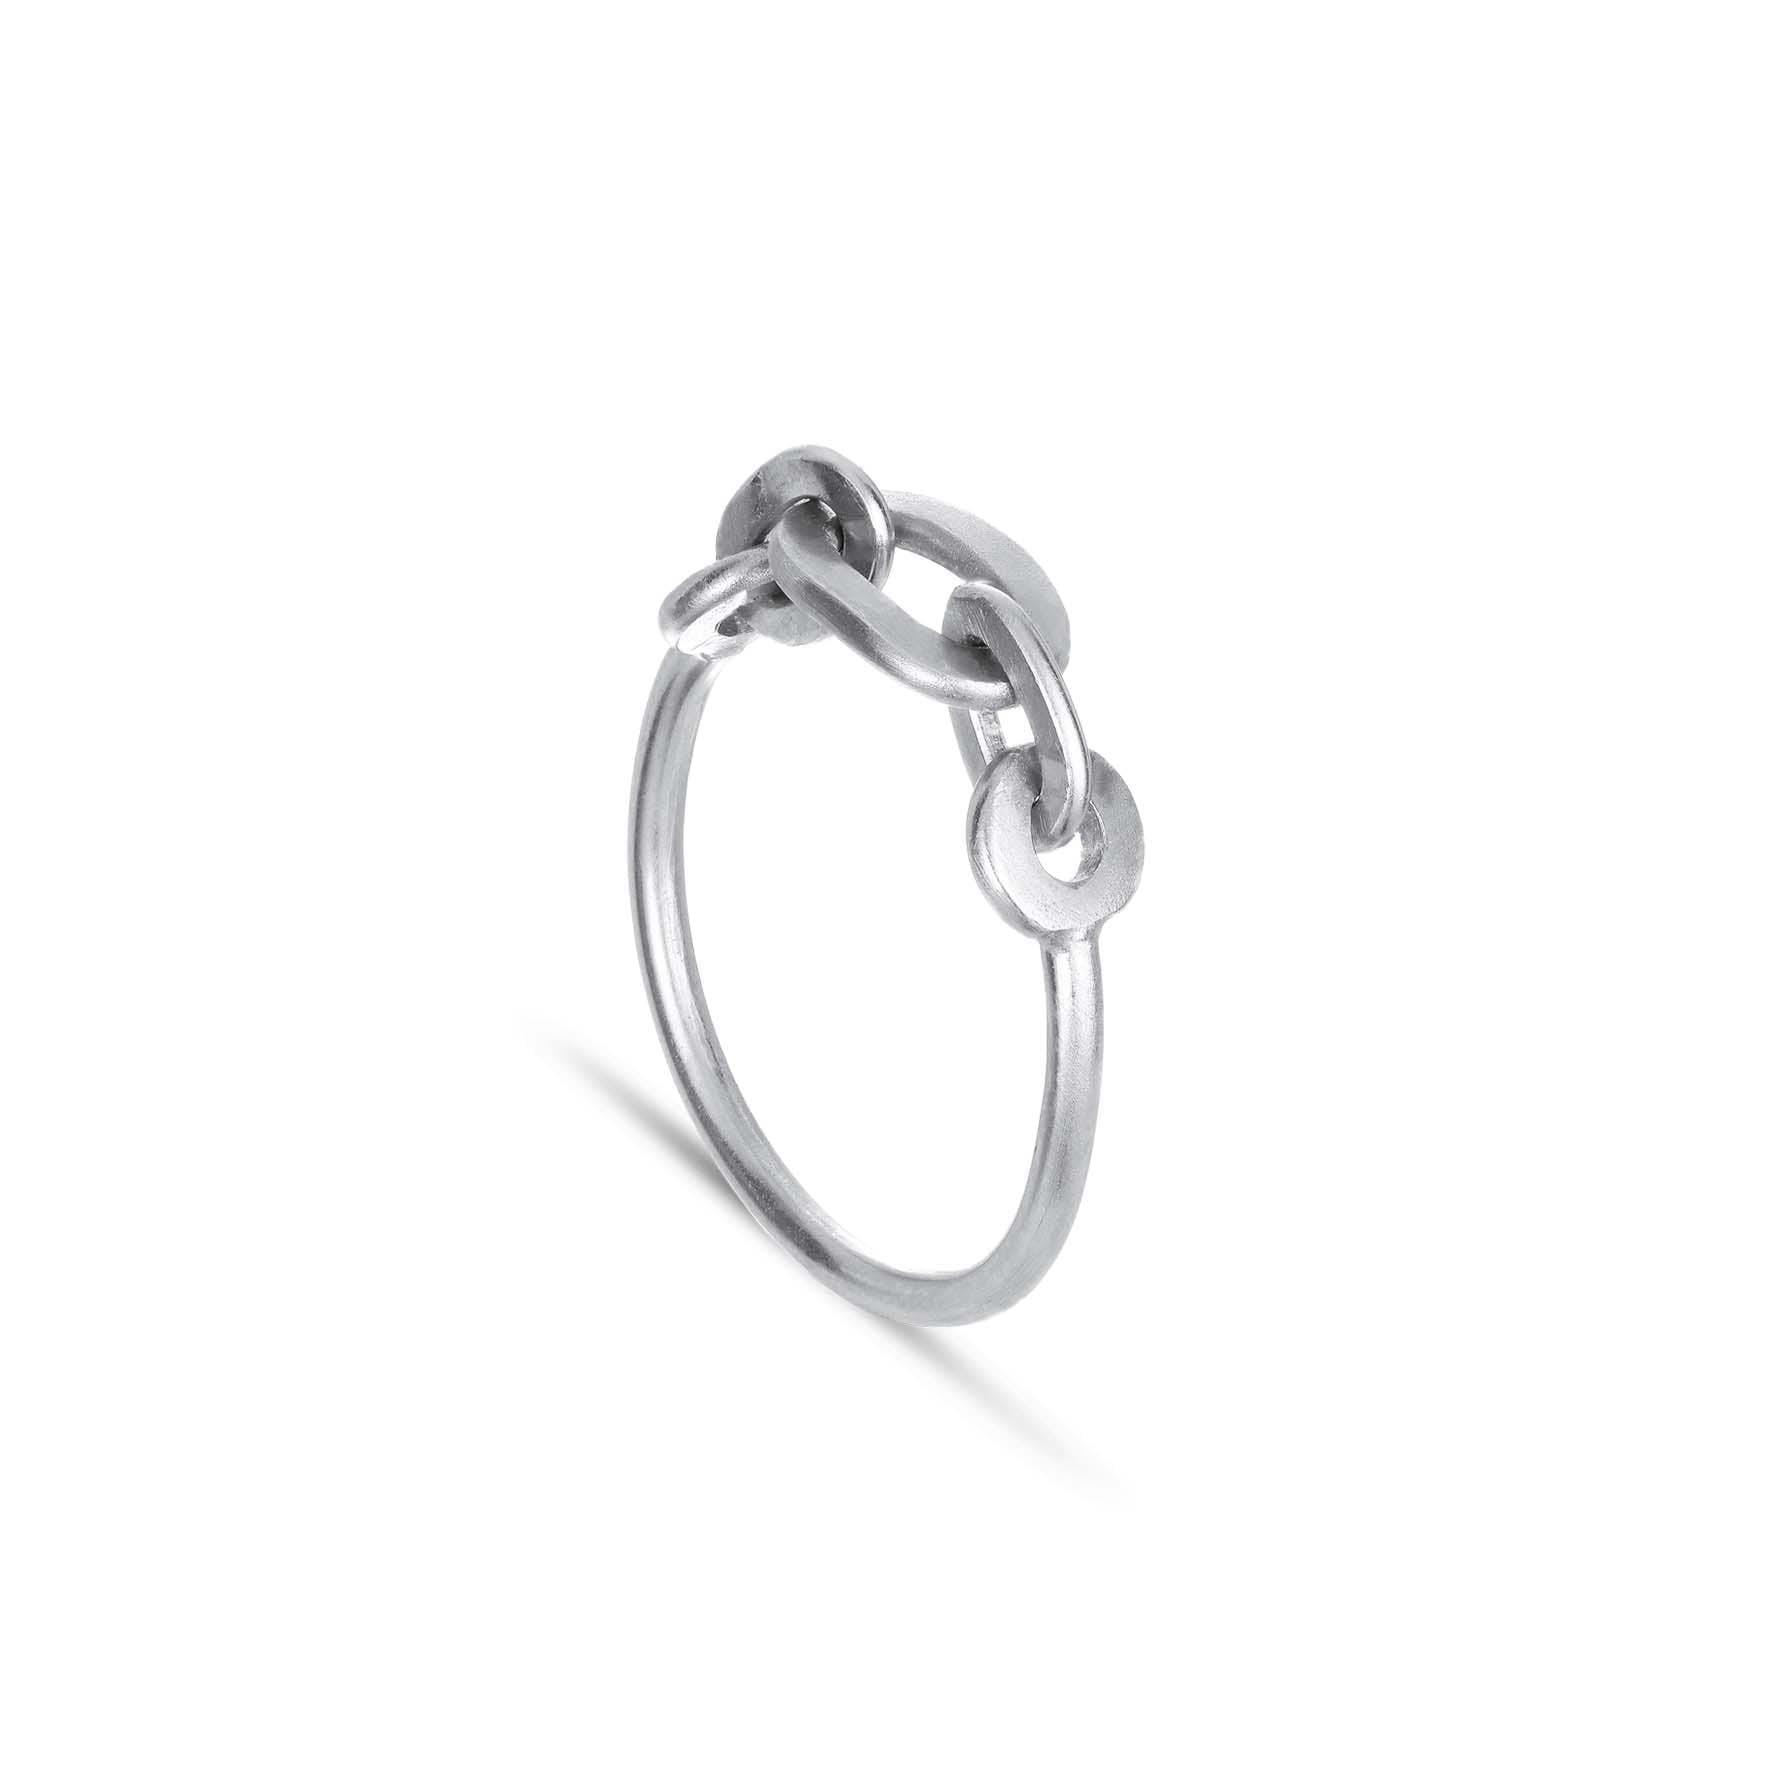 Row Chain Ring von Jane Kønig in Silber Sterling 925